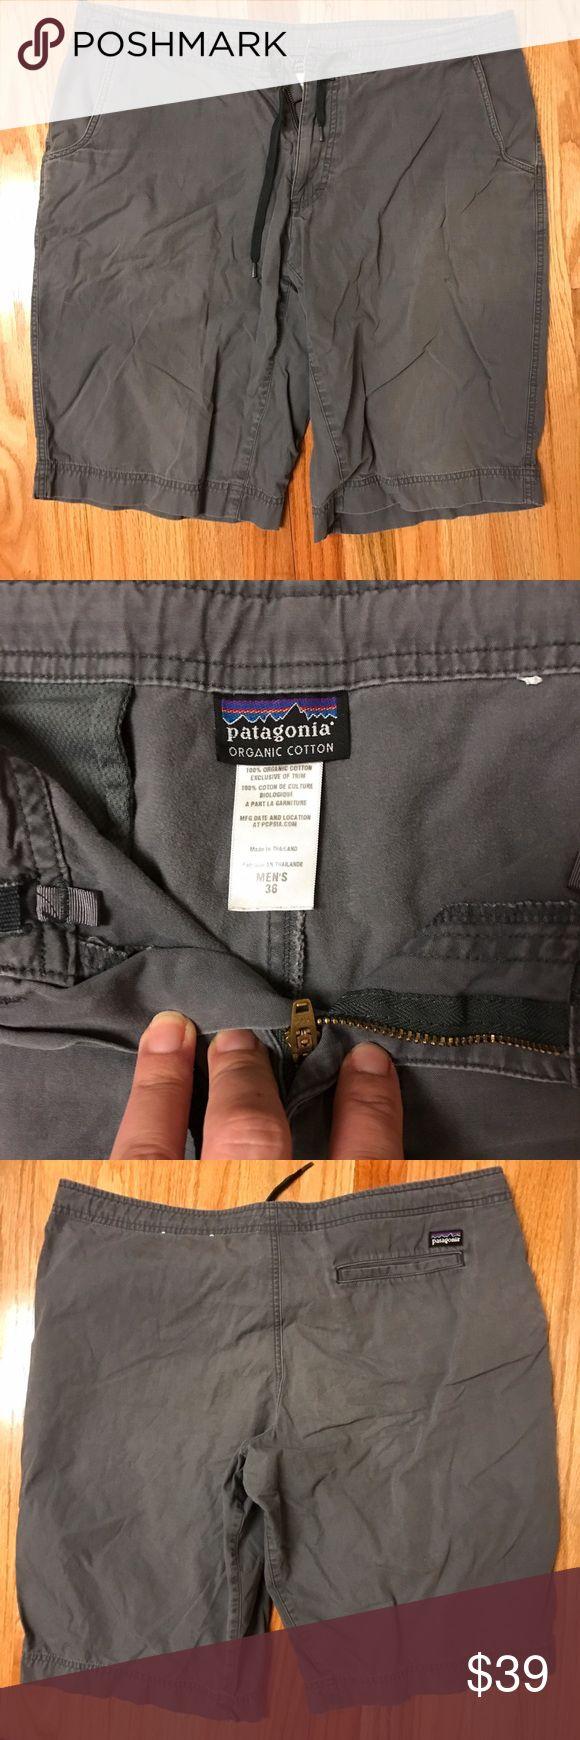 🅾️ Patagonia Shorts Men's / Size 36 Used Men's Patagonia shorts, size 36. Patagonia Shorts